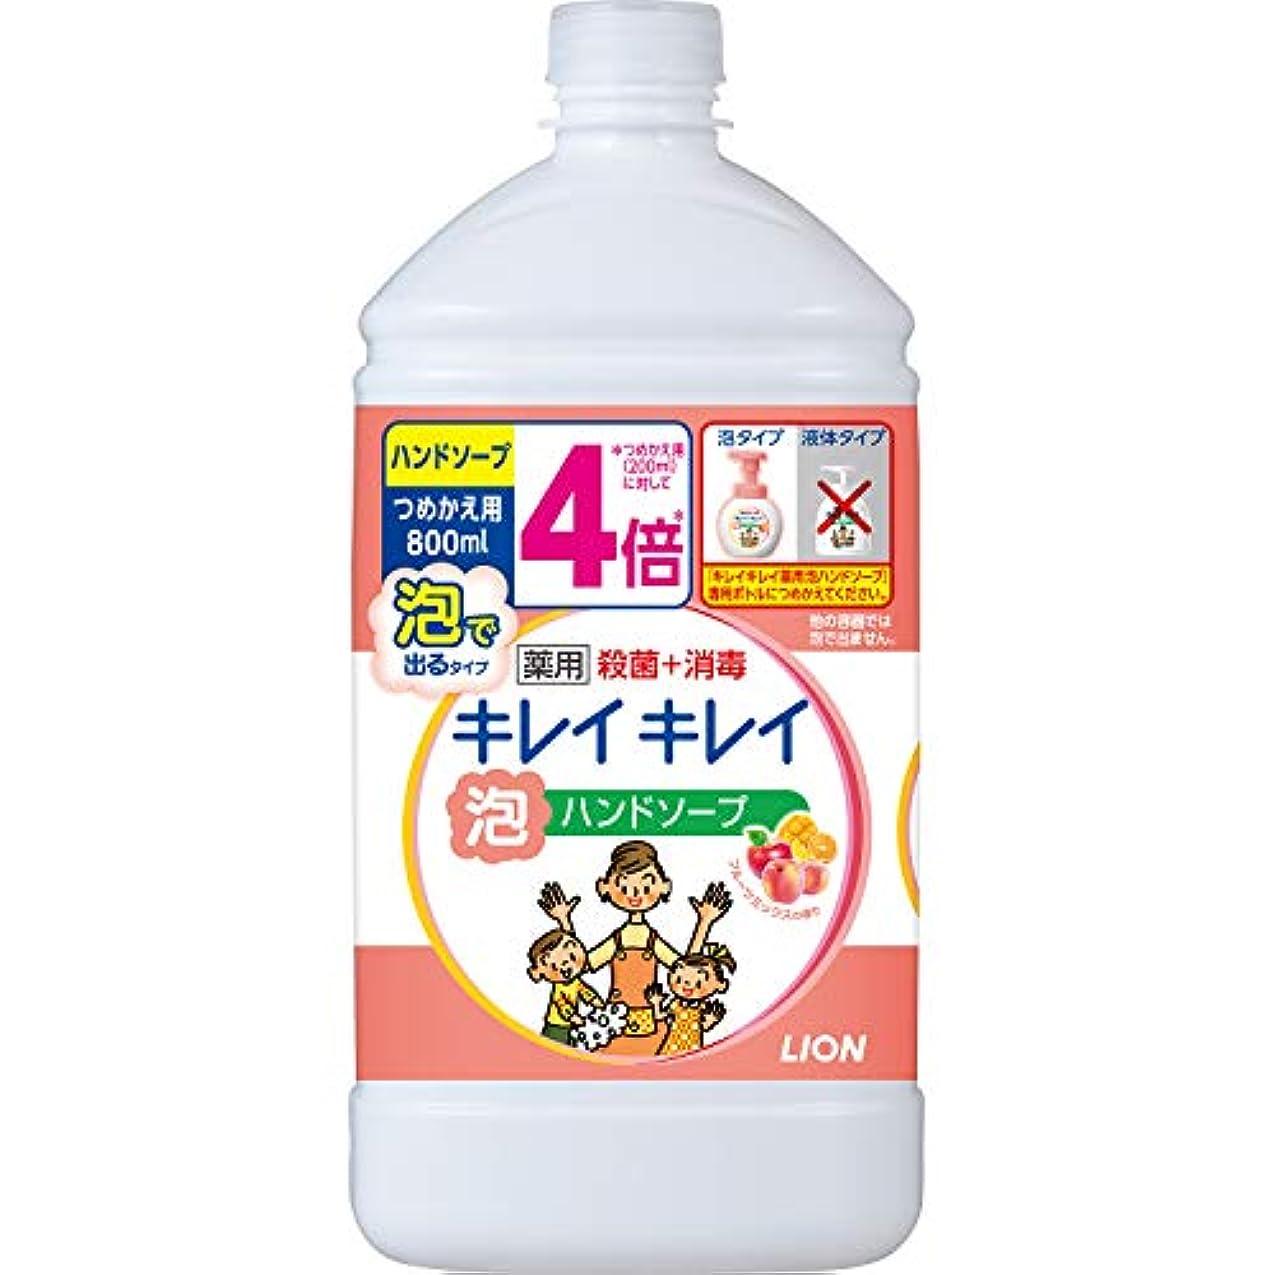 プレゼンター高揚したに変わる(医薬部外品)【大容量】キレイキレイ 薬用 泡ハンドソープ フルーツミックスの香り 詰め替え用 800ml